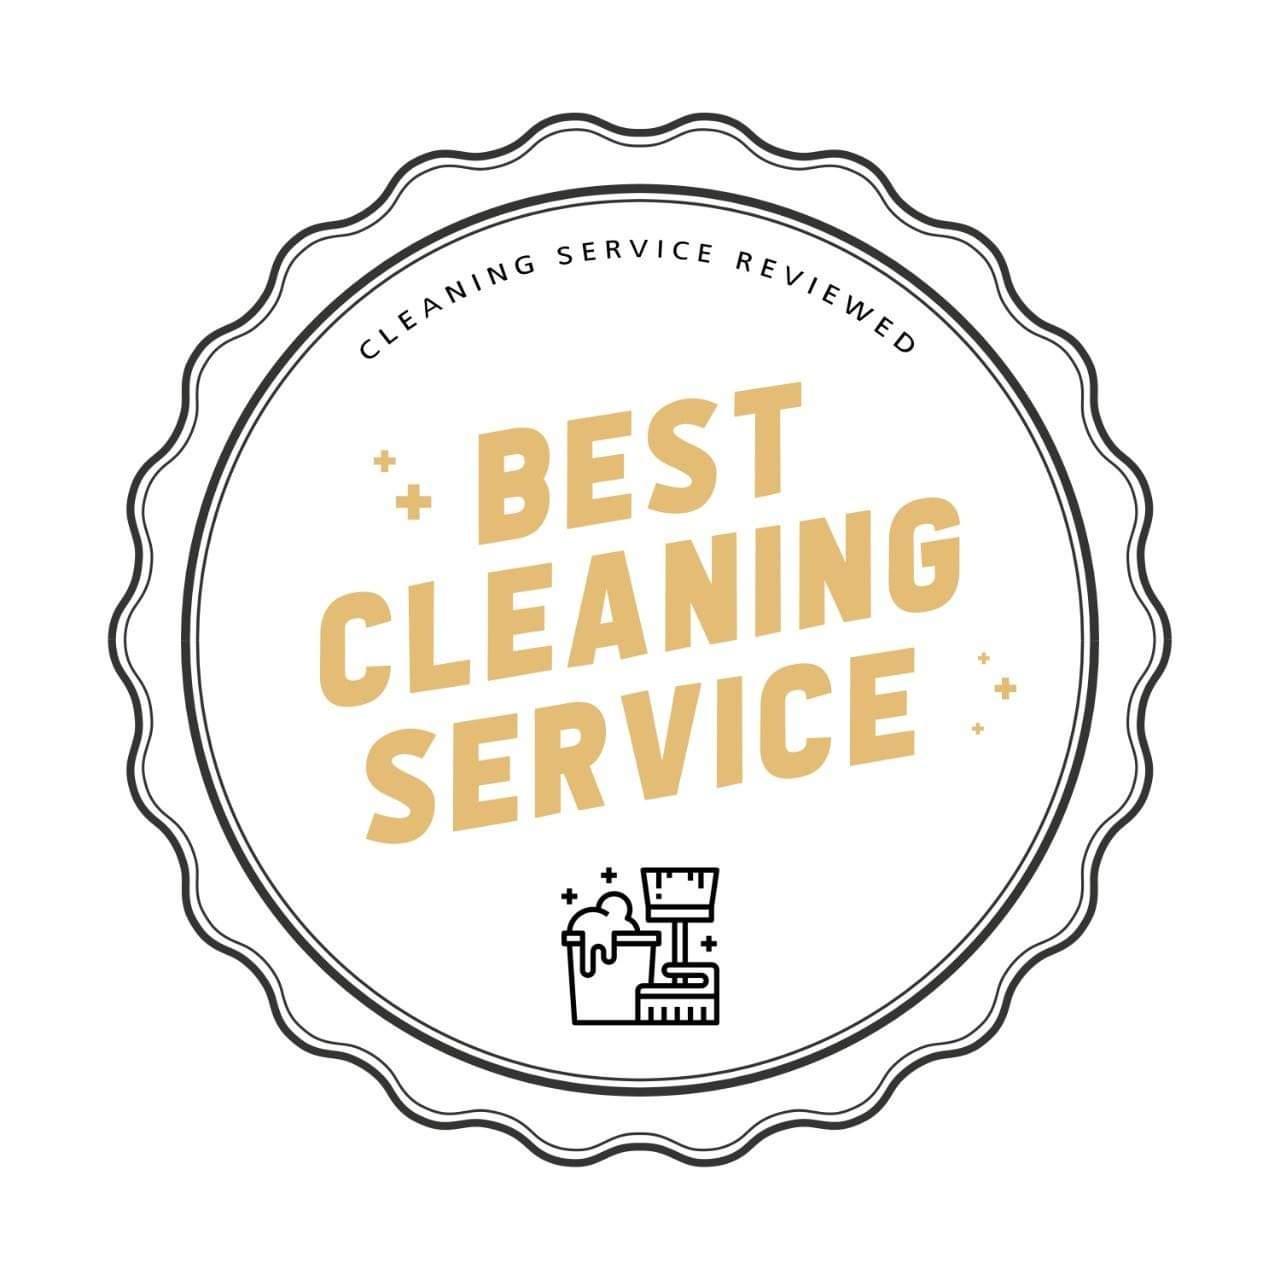 Voted best cleaning service in Marietta